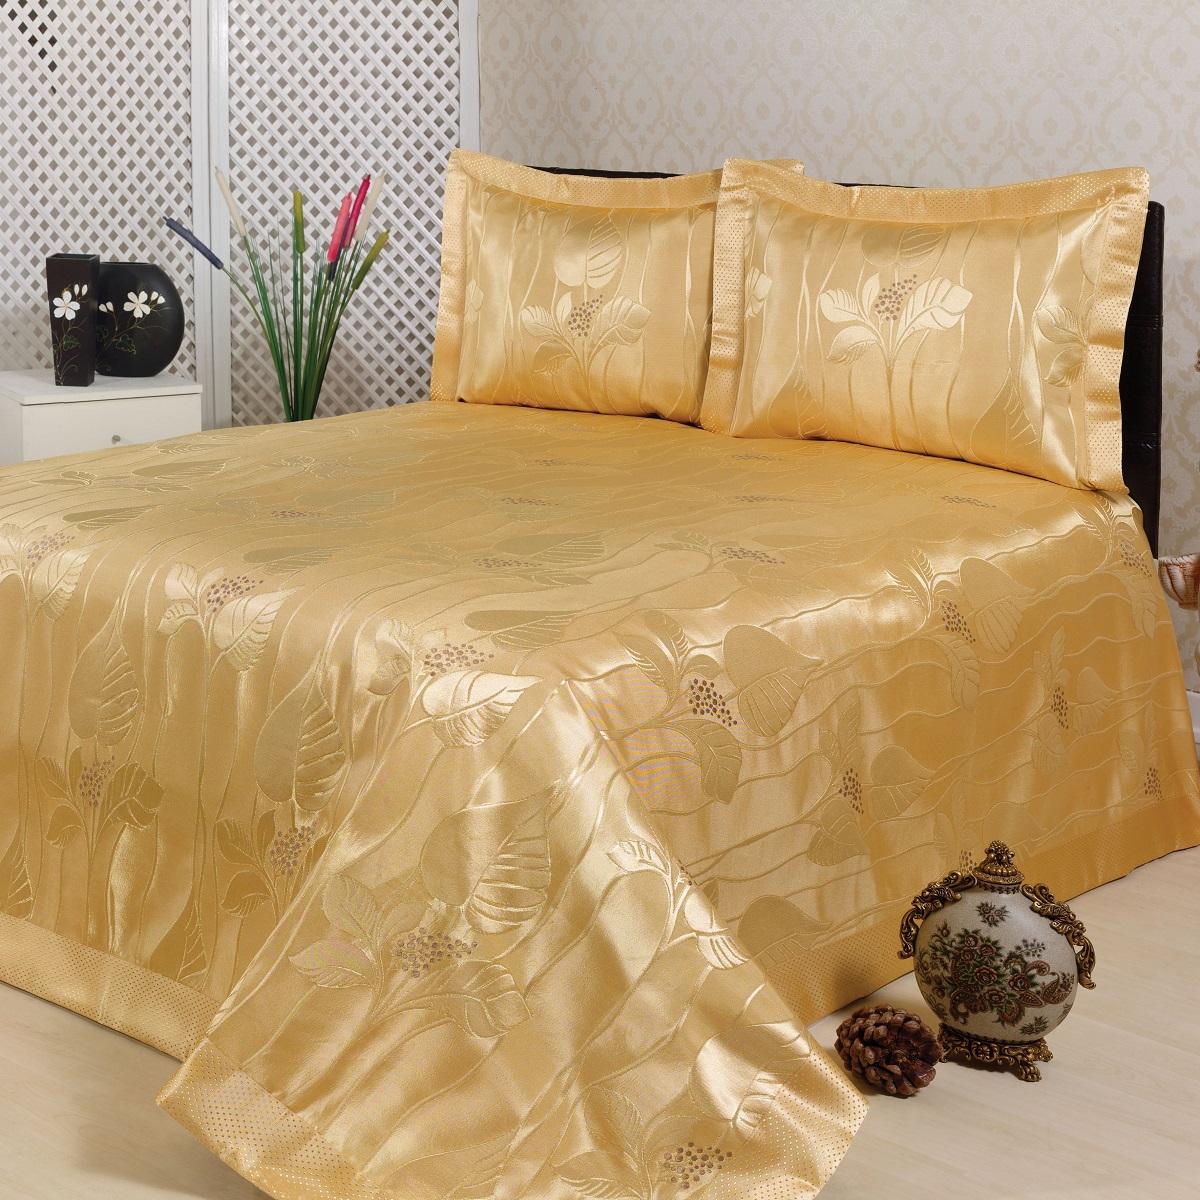 Комплект для спальни Karna Nazsu. Yaprak: покрывало 240 х 260 см, 2 наволочки 50 х 70 см, цвет: горчичный811/4/CHAR007Изысканный комплект Karna Nazsu. Yaprak прекрасно оформит интерьер спальни или гостиной. Комплект состоит из покрывала и двух наволочек. Изделия изготовлены из 50% хлопка и 50% полиэстера. Постельные комплекты Karna уникальны, так как они практичны и универсальны в использовании. Материал хорошо сохраняет окраску и форму. Изделия долговечны, надежны и легко стираются.Комплект Karna не только подарит тепло, но и гармонично впишется в интерьер вашего дома. Размер покрывала: 240 х 260 см.Размер наволочки: 50 х 70 см.